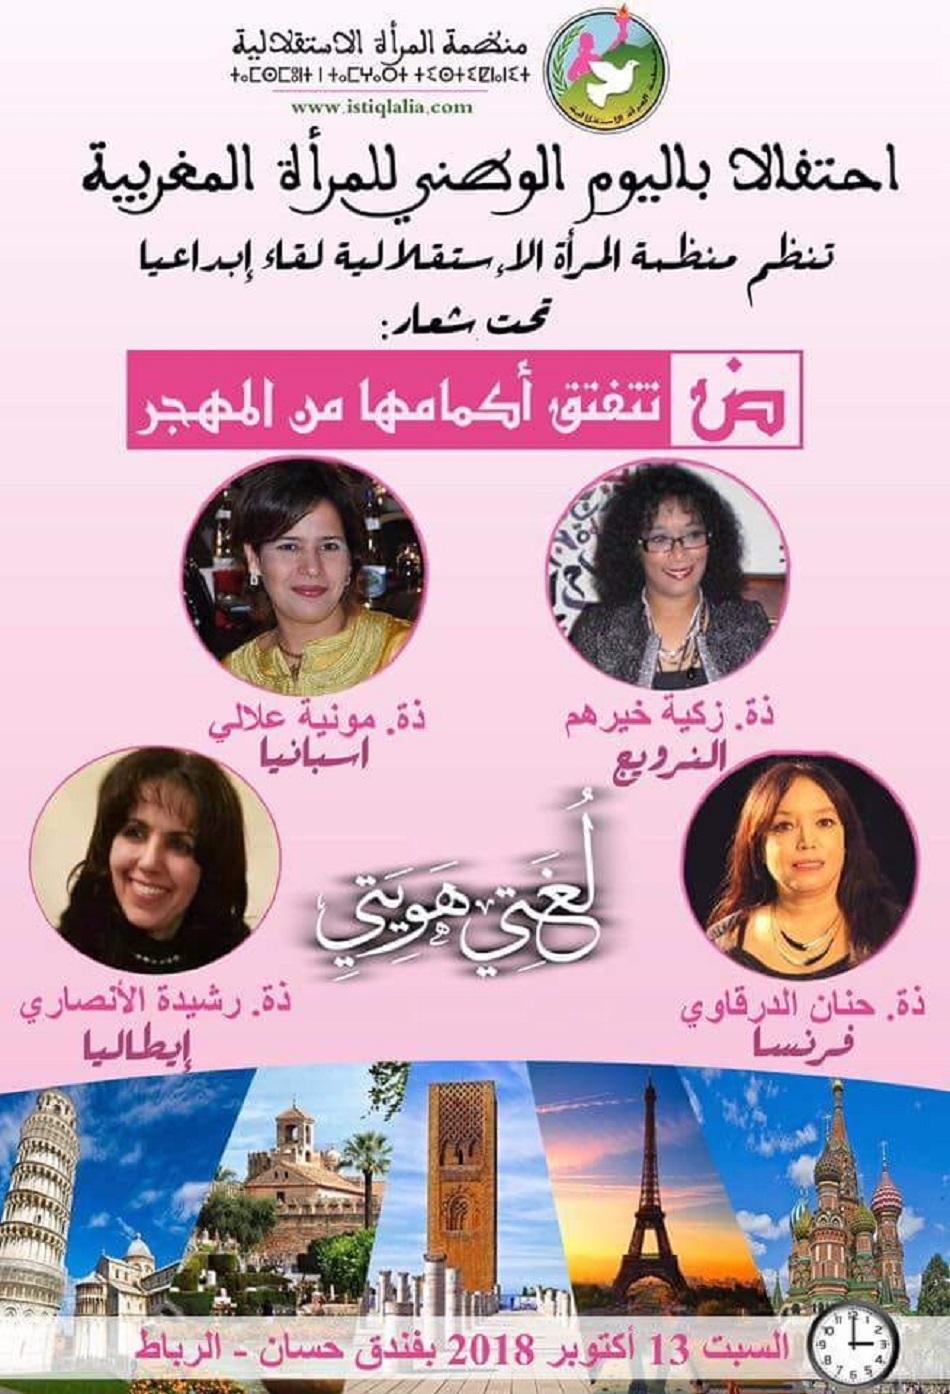 منظمة المرأة الاستقلالية تنظم لقاء أدبيا لمبدعات مغربيات بالمهجر